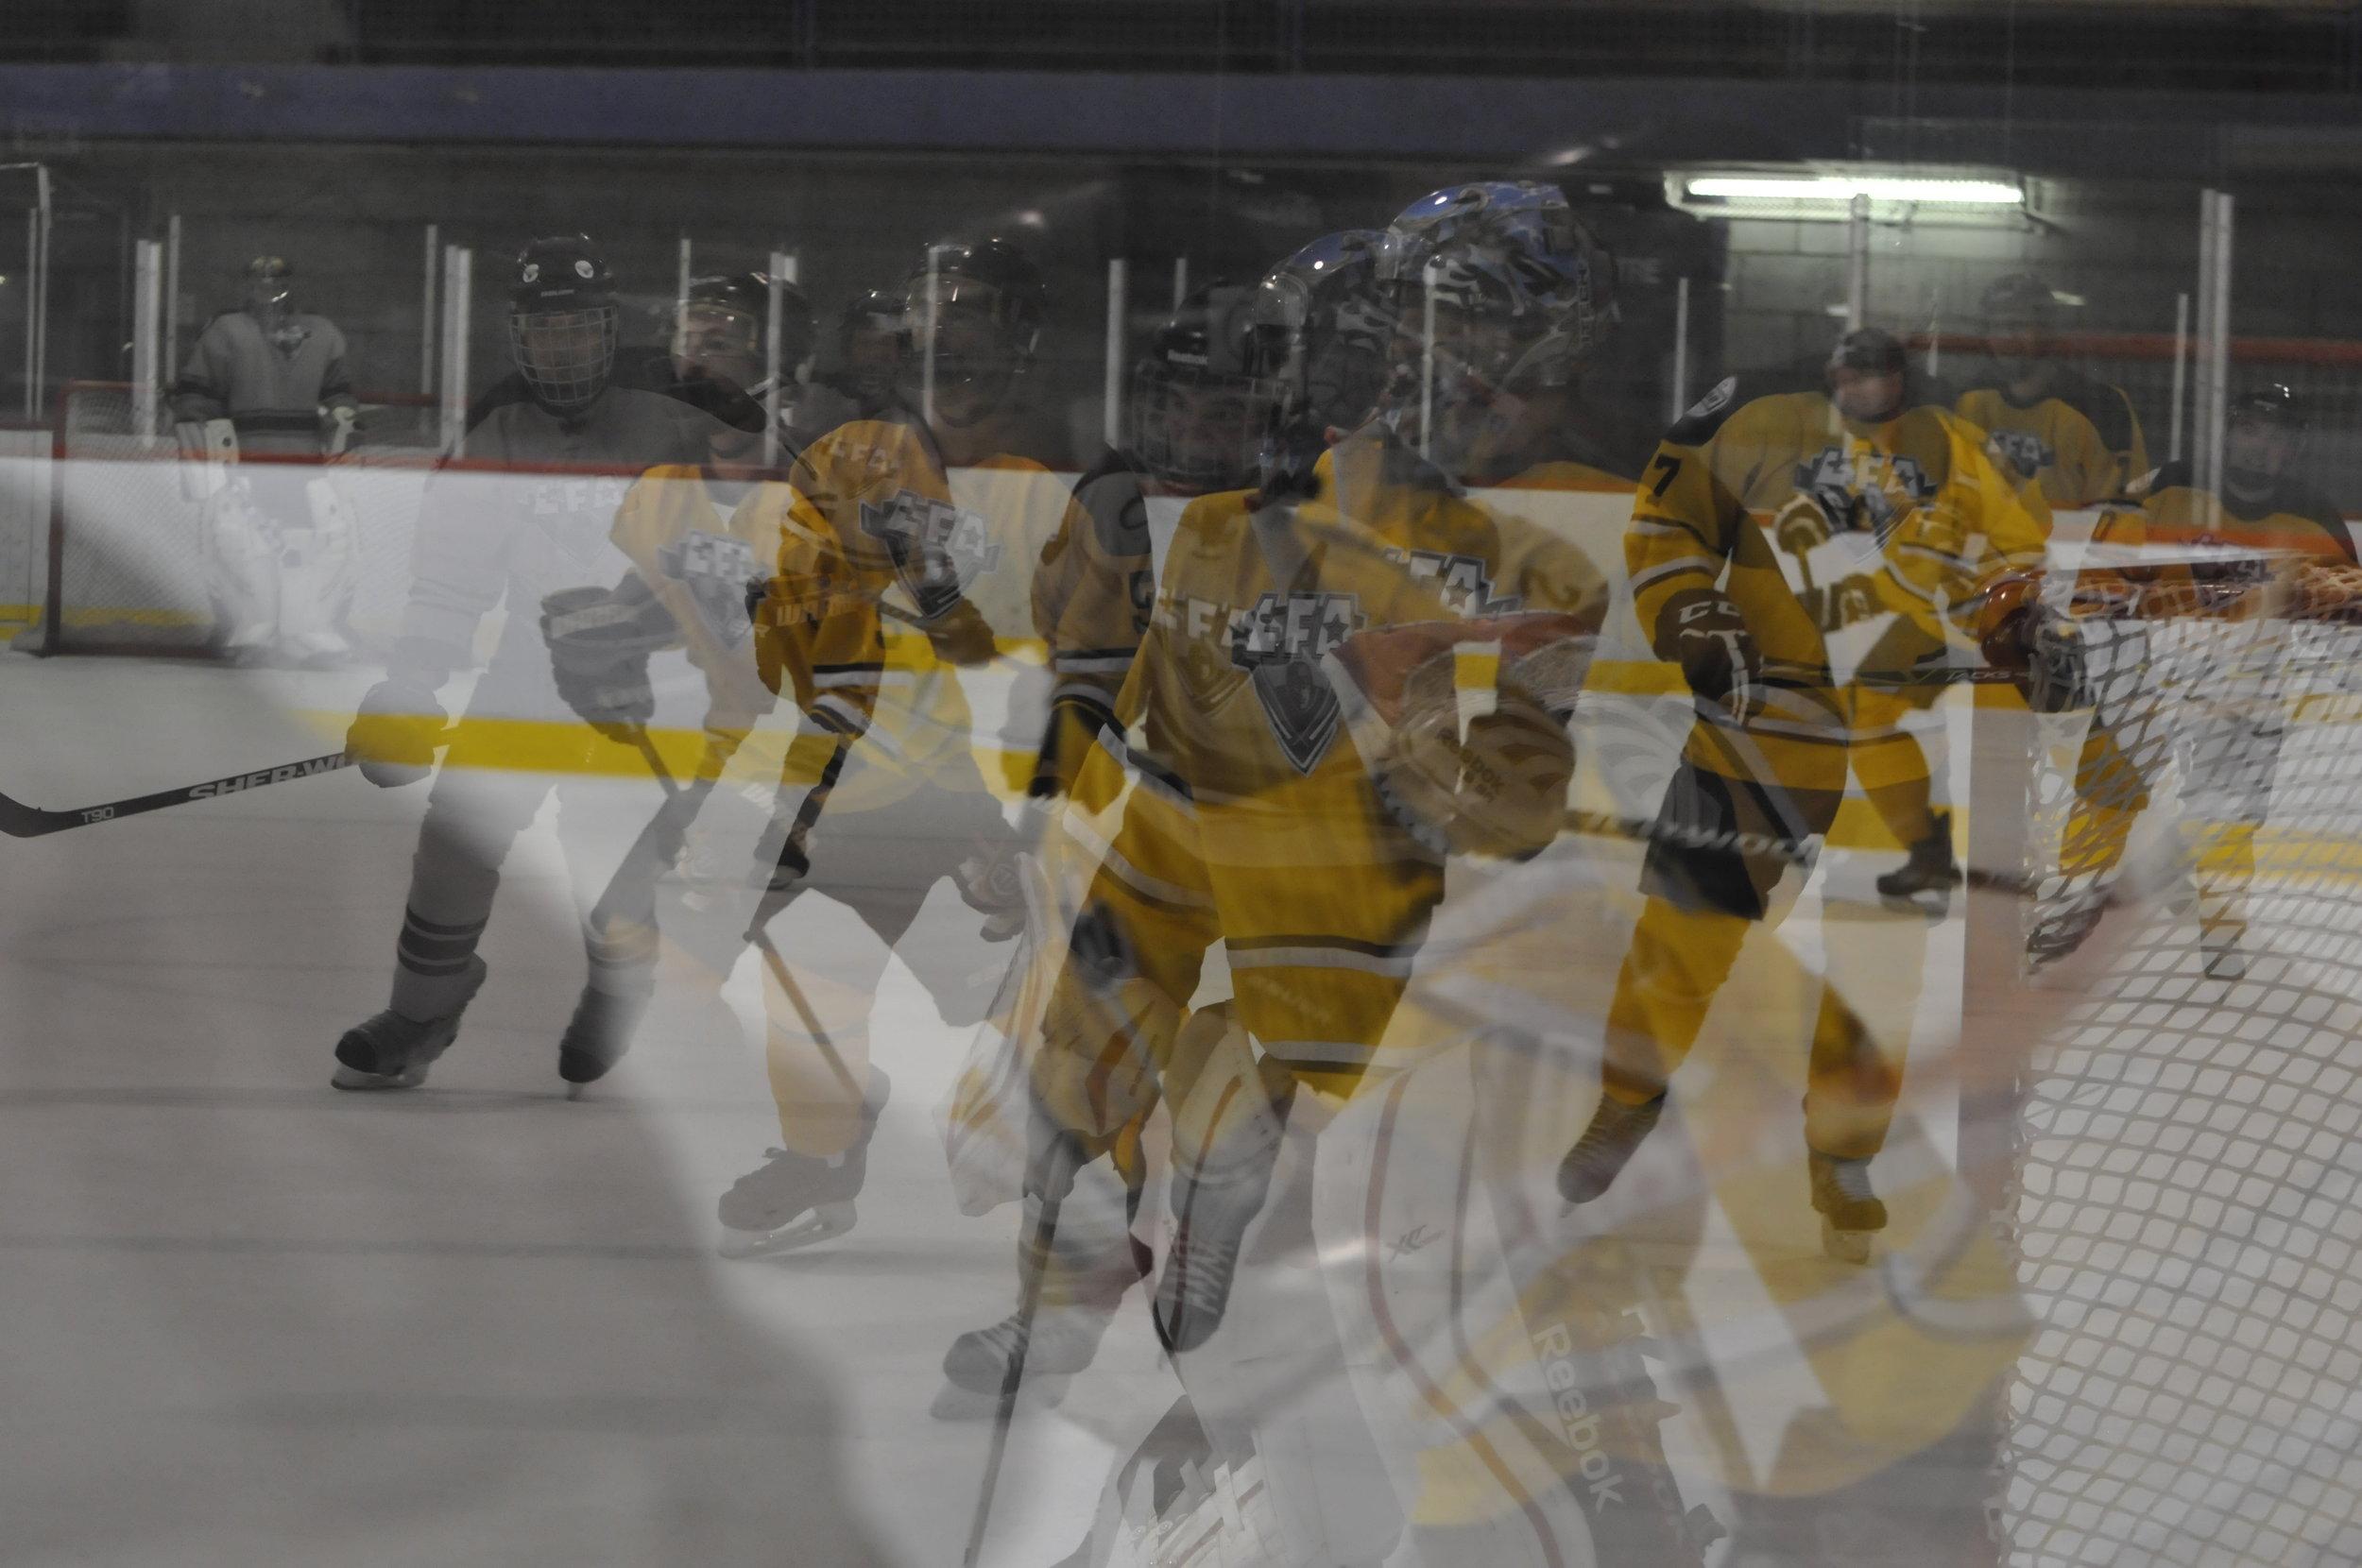 quand les souvenir de jouer au hockey deviennent floues (Photo lisette nepveu)